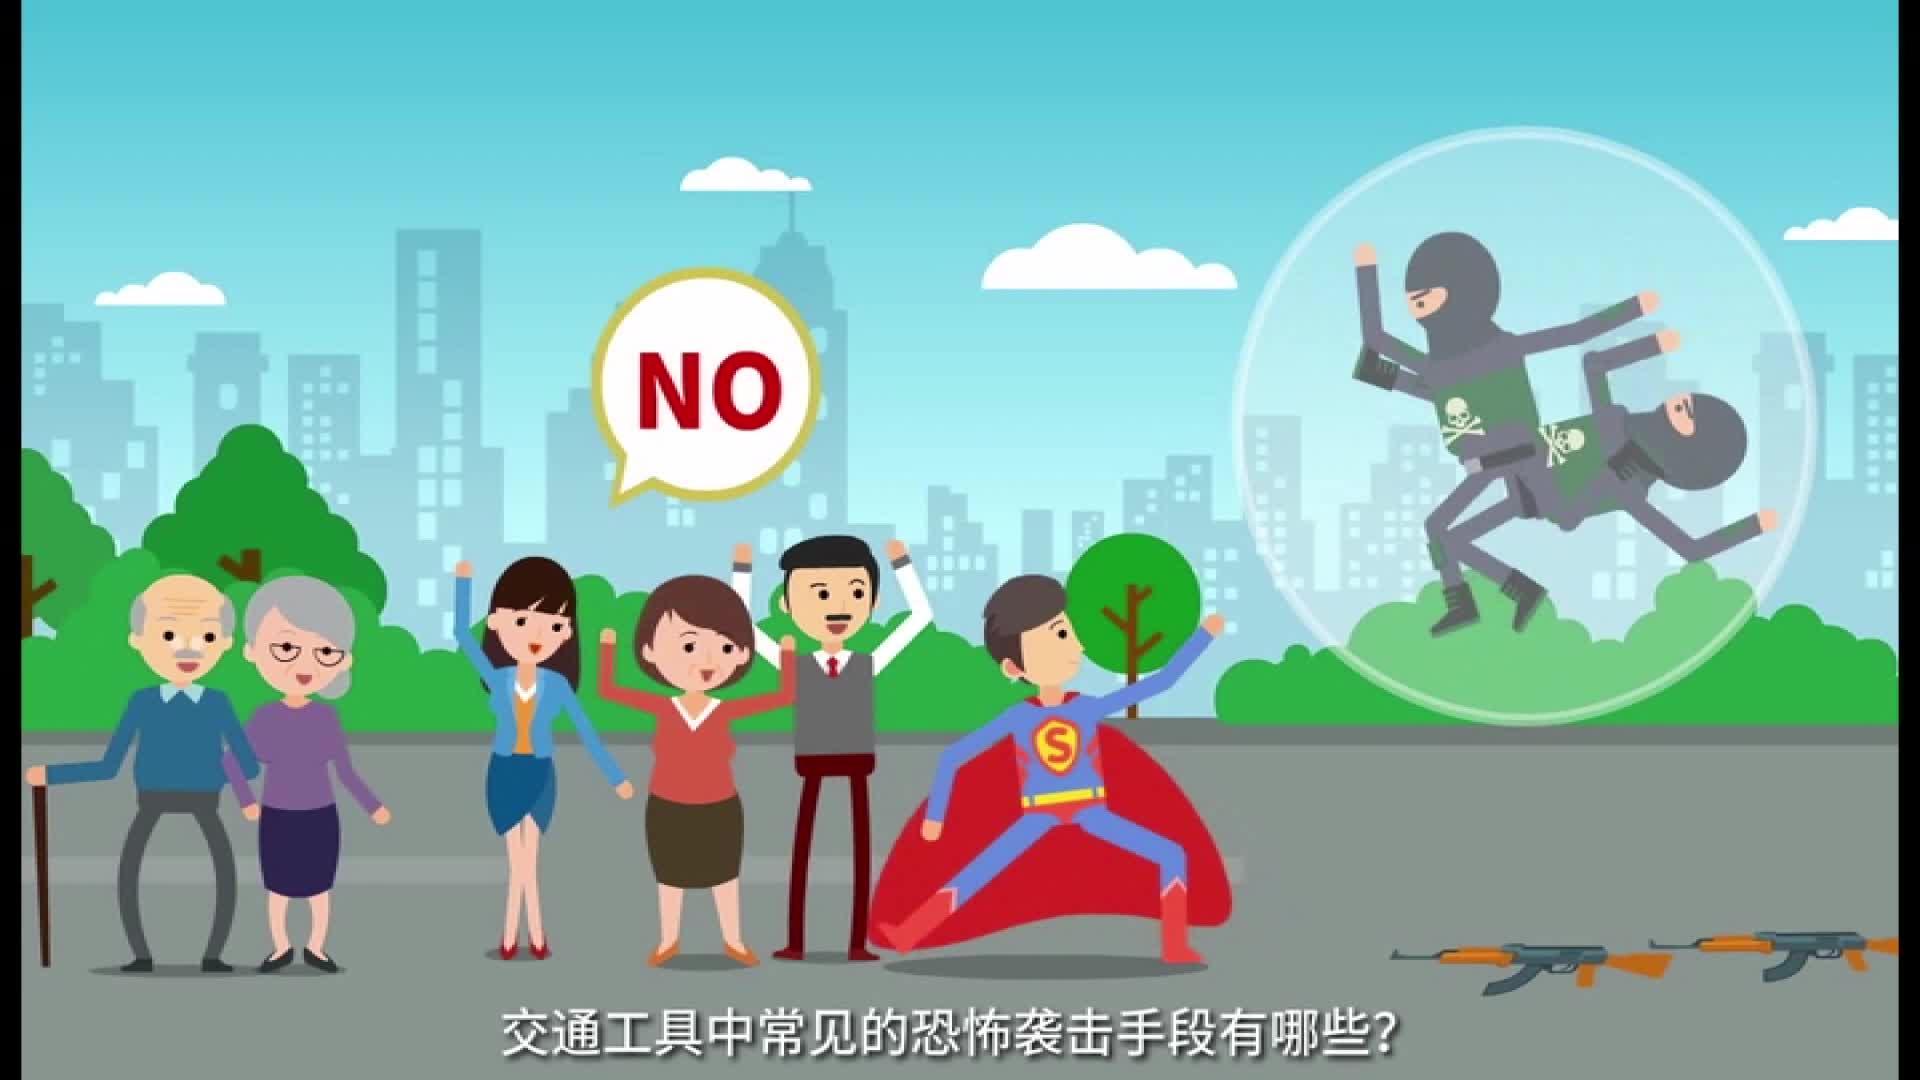 2020年甘肃省网络安全宣传周——公民防范恐怖袭击指南(交通工具篇 )